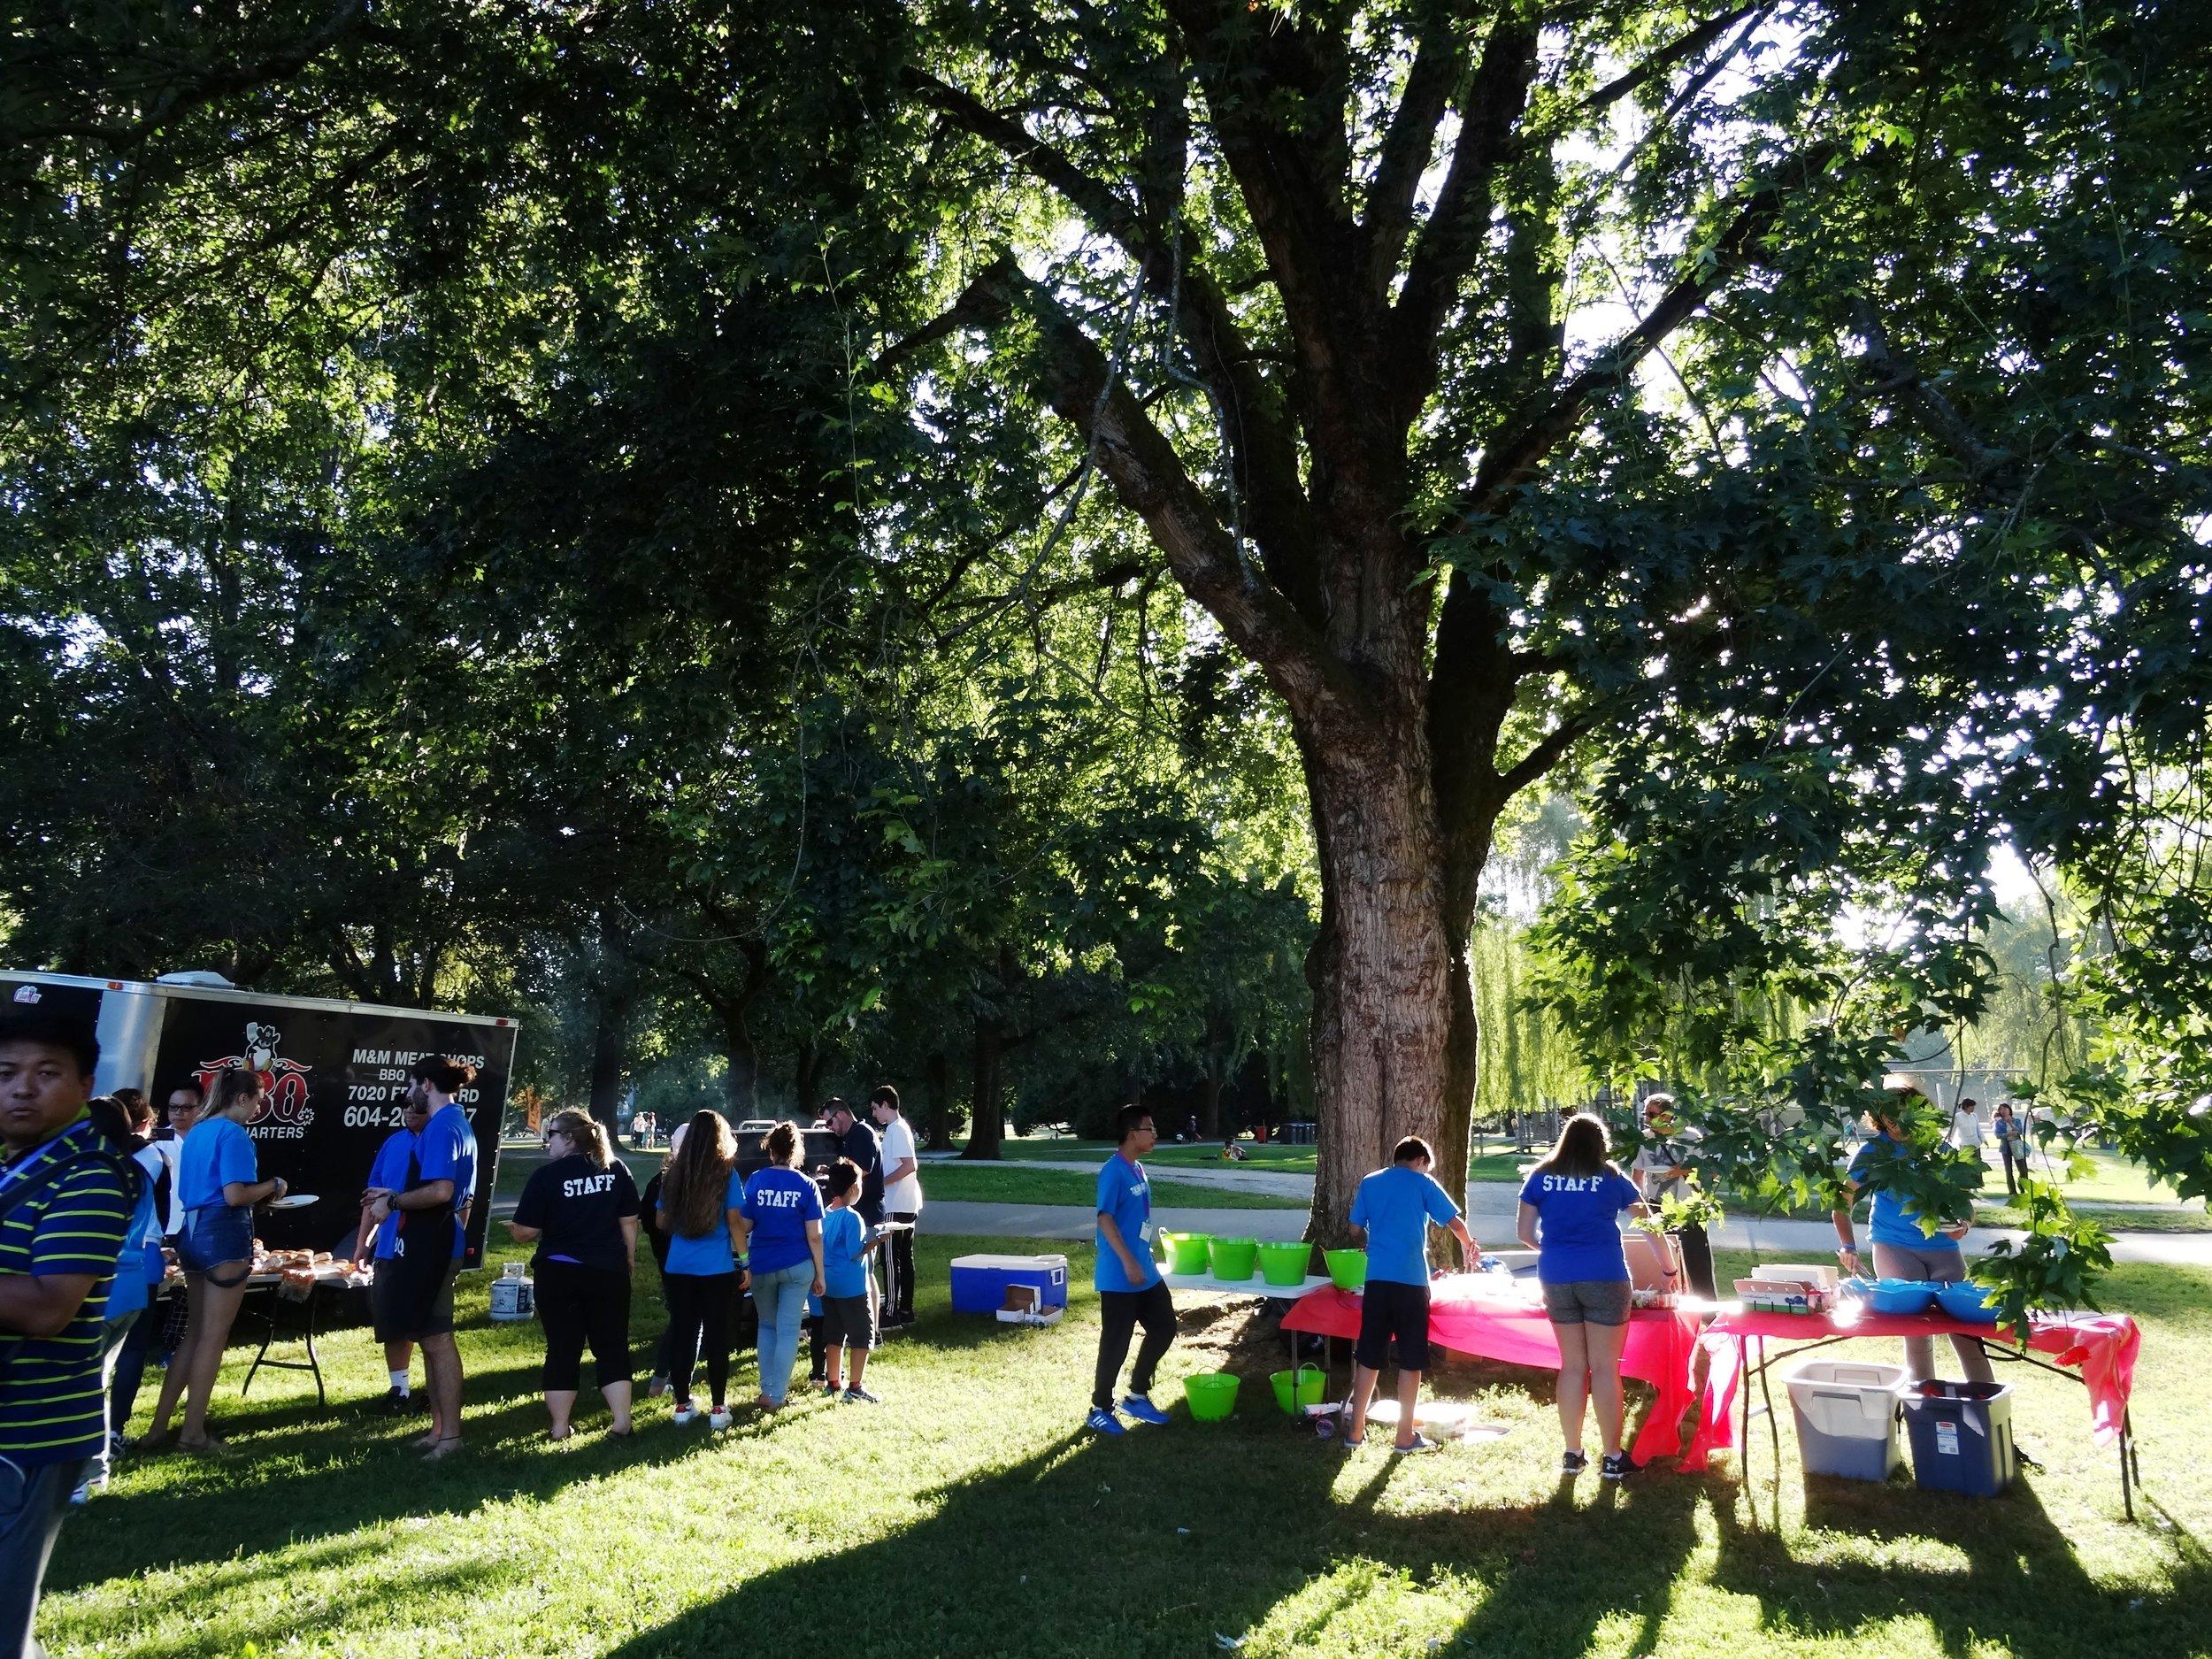 スタンレーパークの後は途中の広い公園でBBQの夕飯